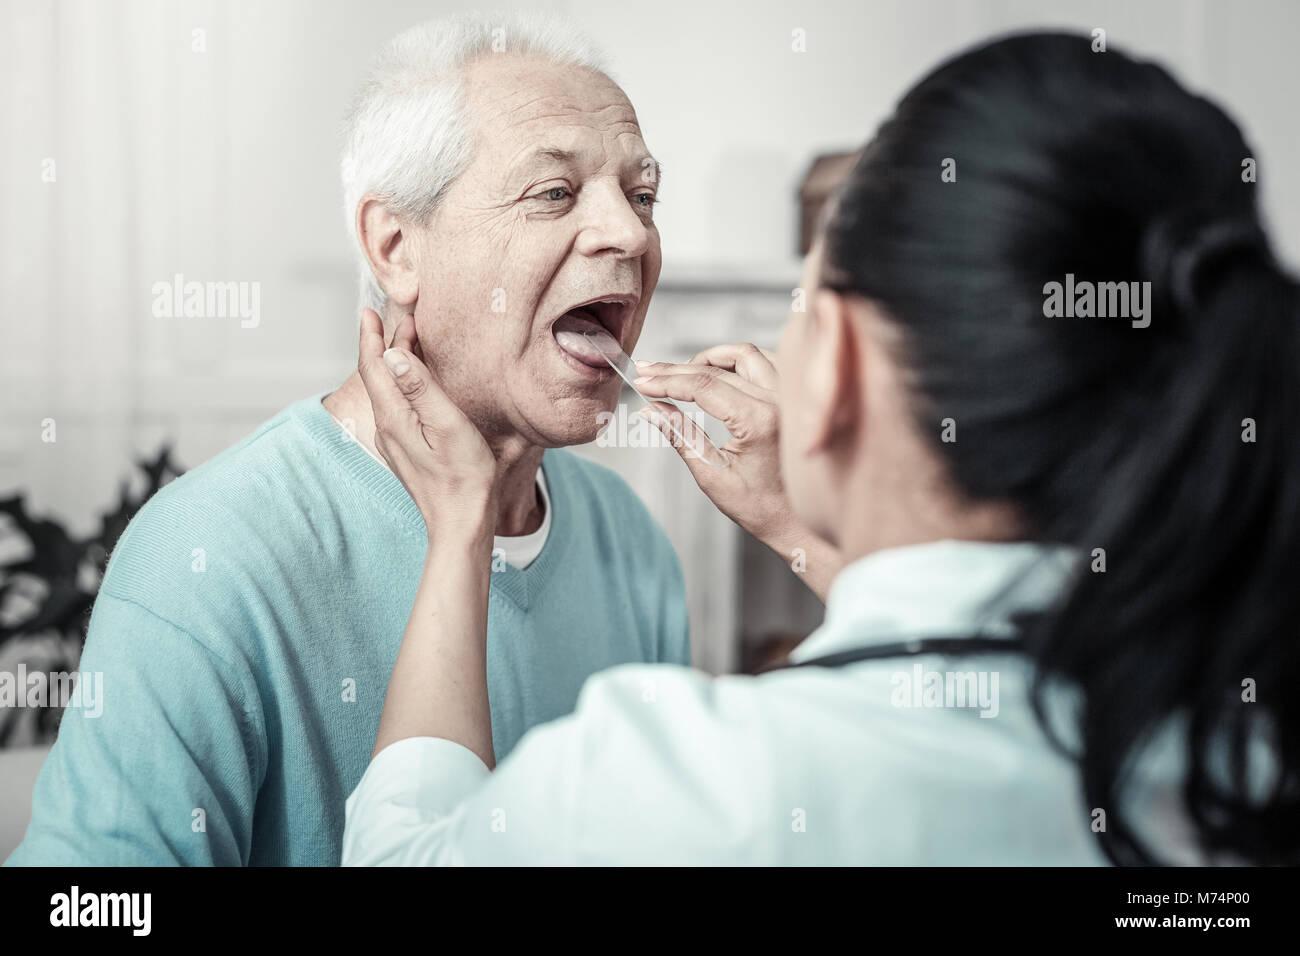 Gris envejecido hombre teniendo exámenes y sentado enfrente de la enfermera. Imagen De Stock